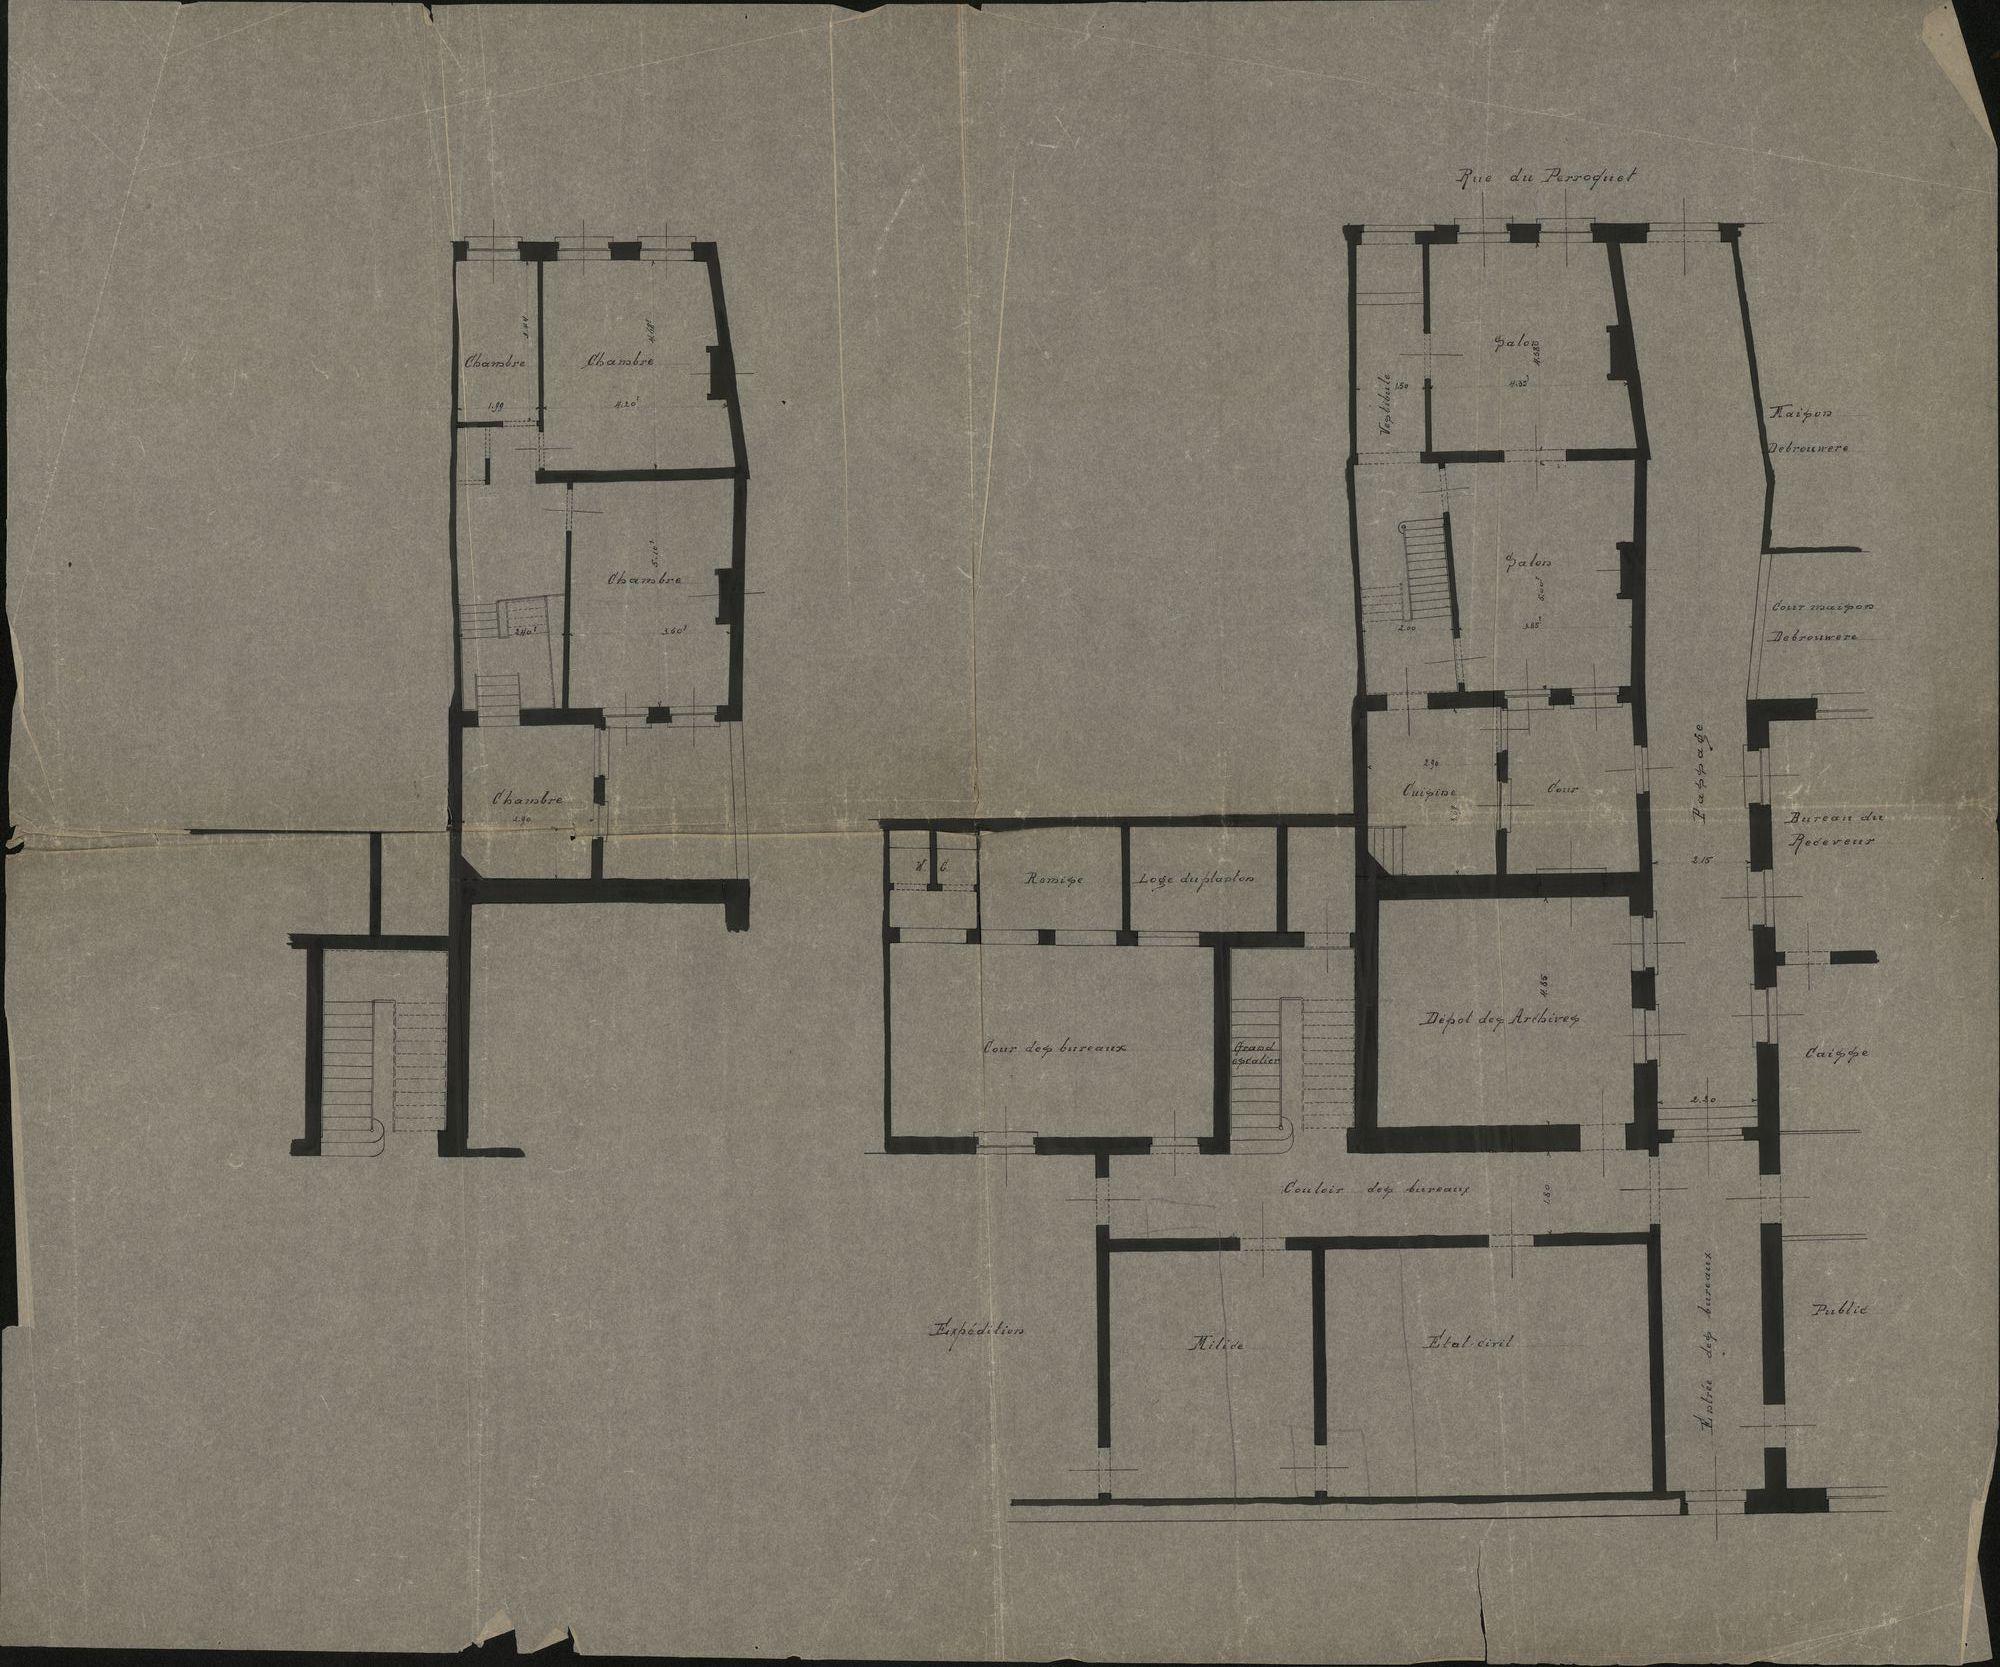 Plattegronden van het stadhuis van Kortrijk, opgemaakt door A. Denis en P. Croquison, 1849-20ste eeuw